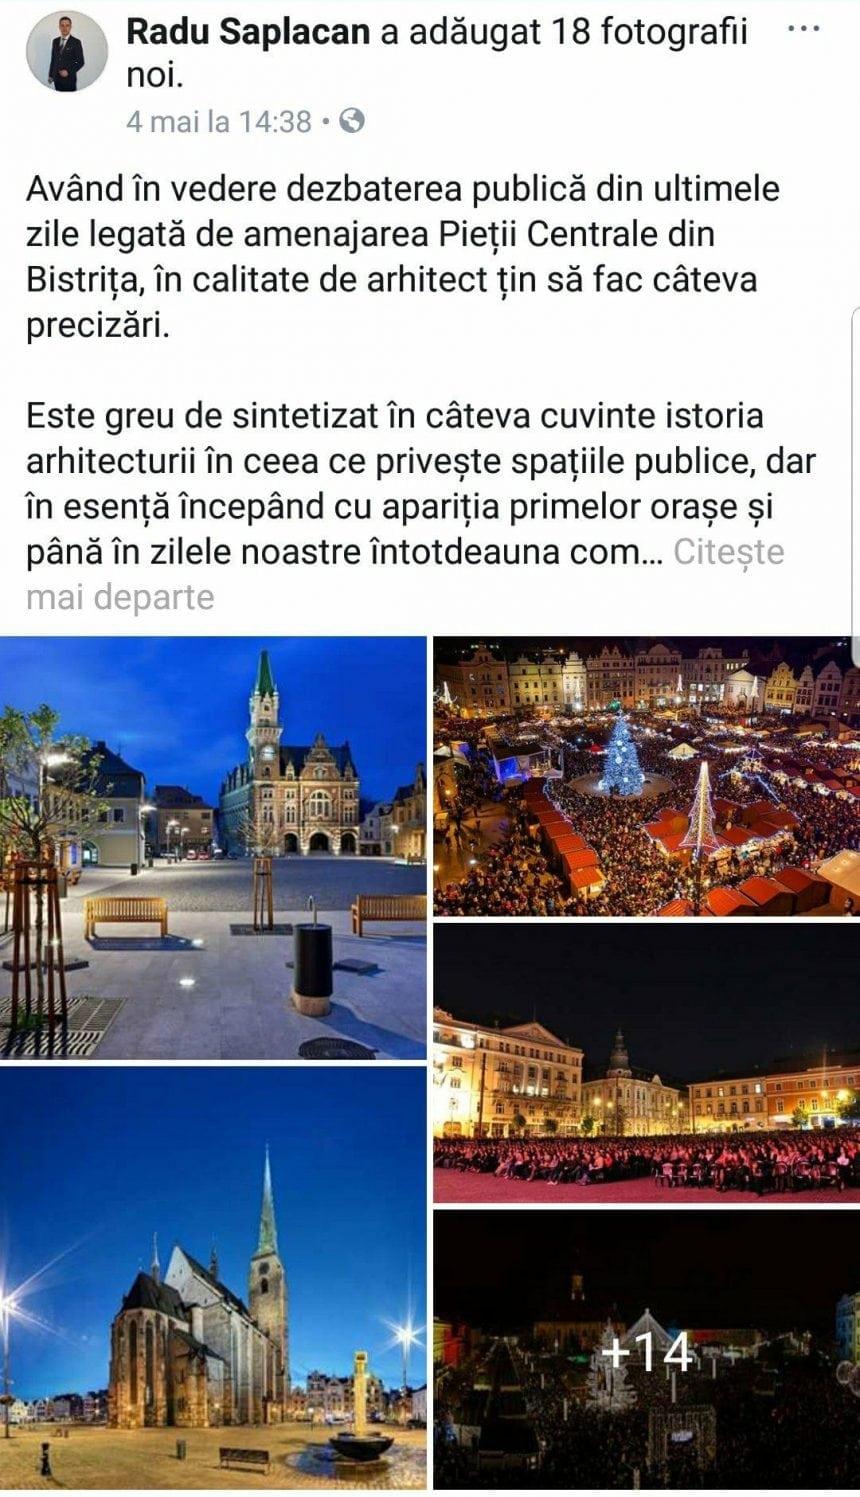 WONDERLAND: Habemus arhitect șef la județ! E viu și scrie pe Facebook. Poziția partidului!